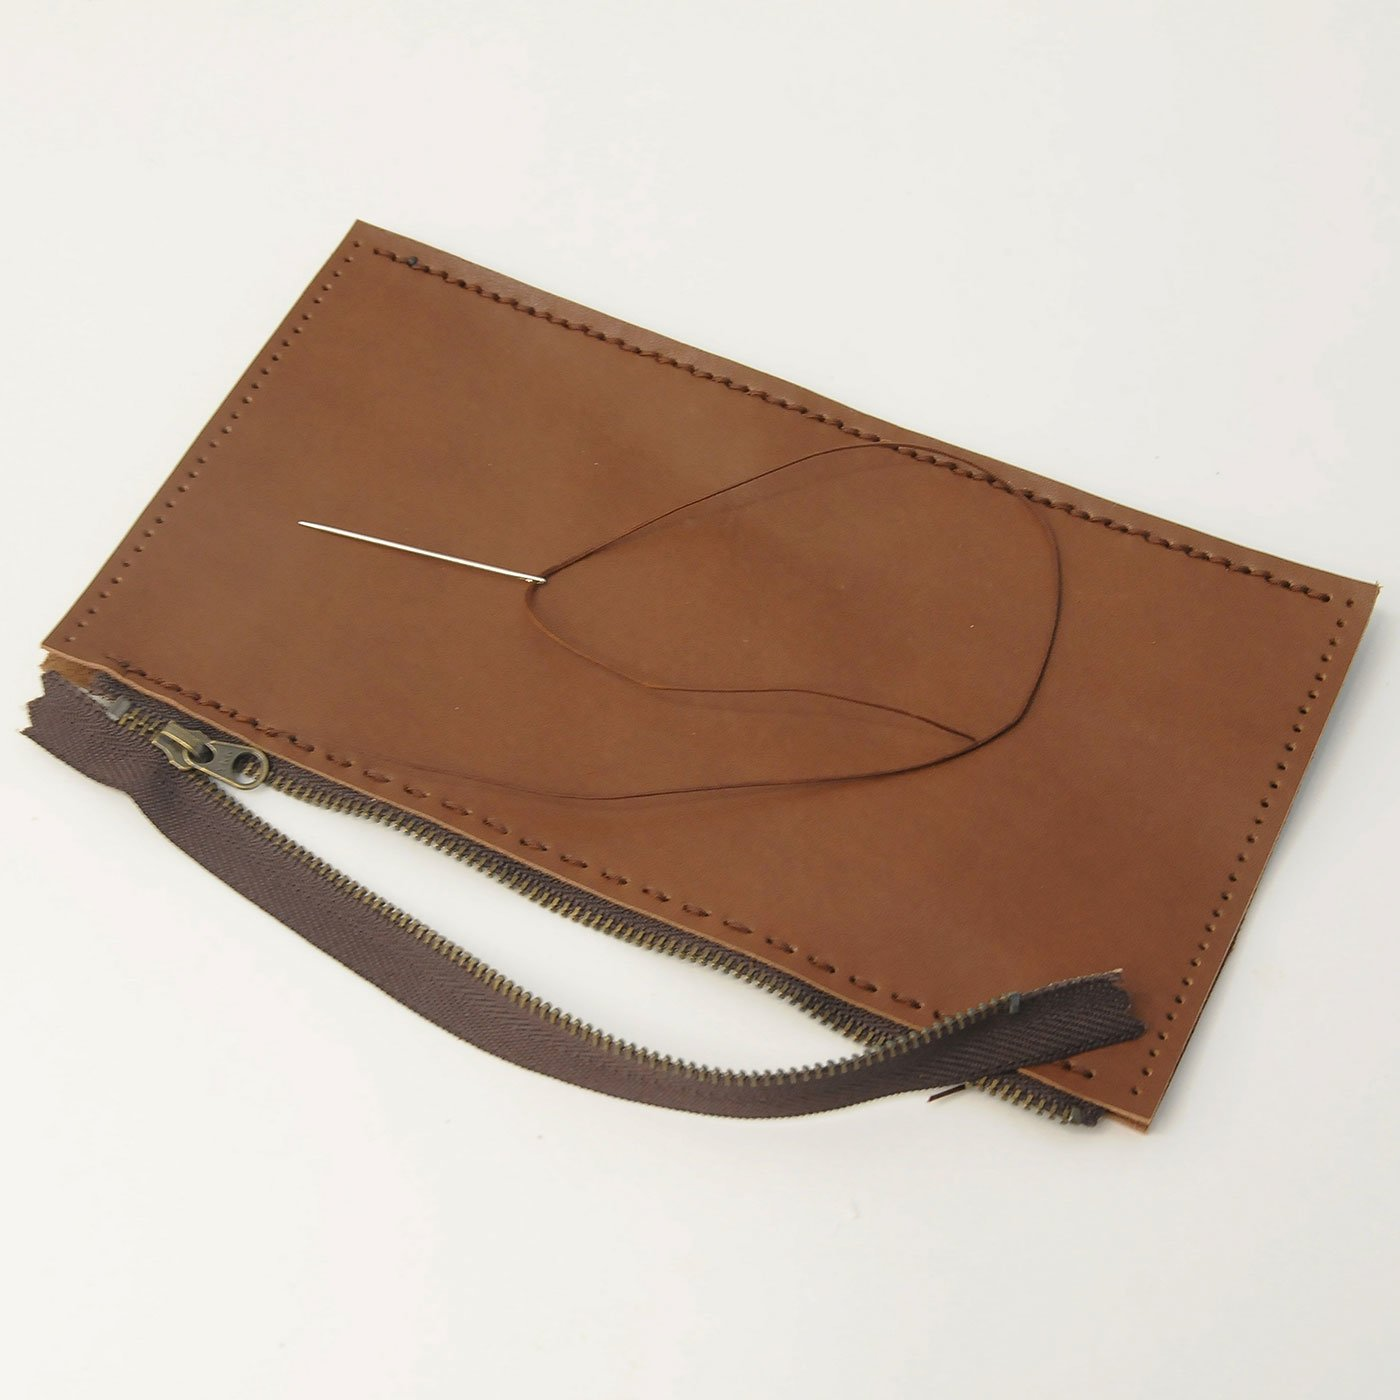 ウォレットショルダー作りレッスン 追加購入用 コインポケット革パーツ セット